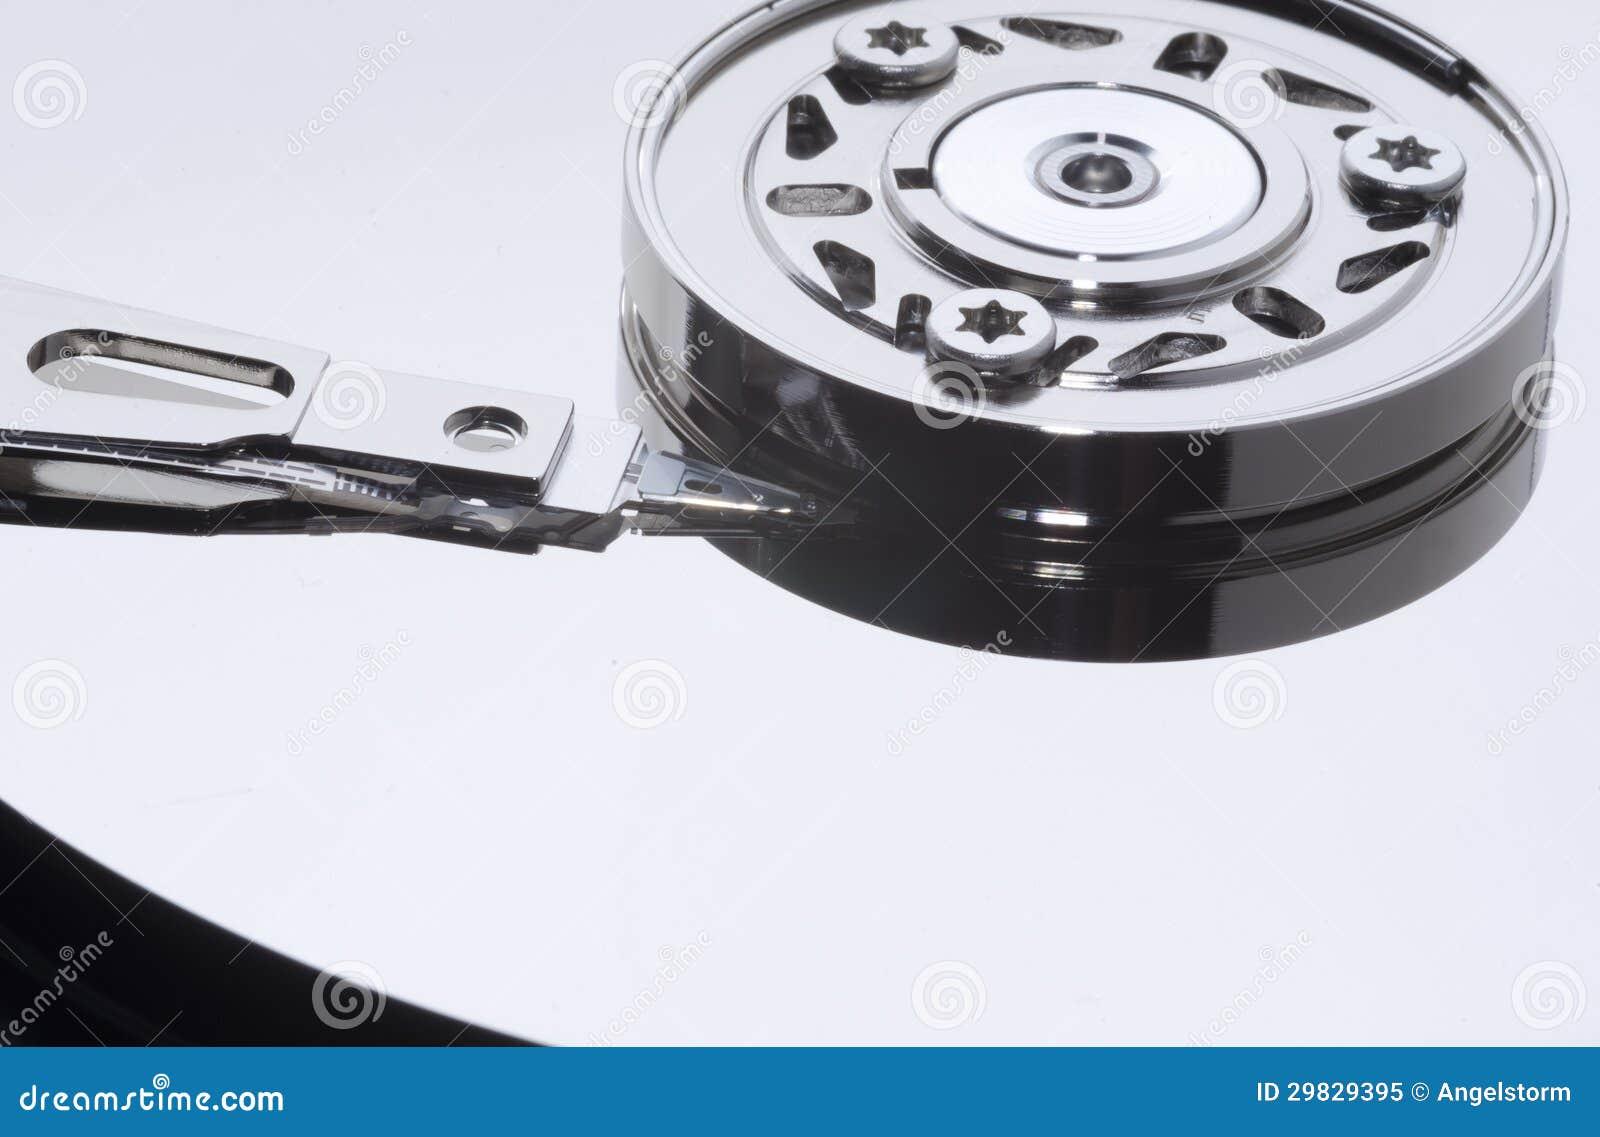 Mecanismo de disco rígido